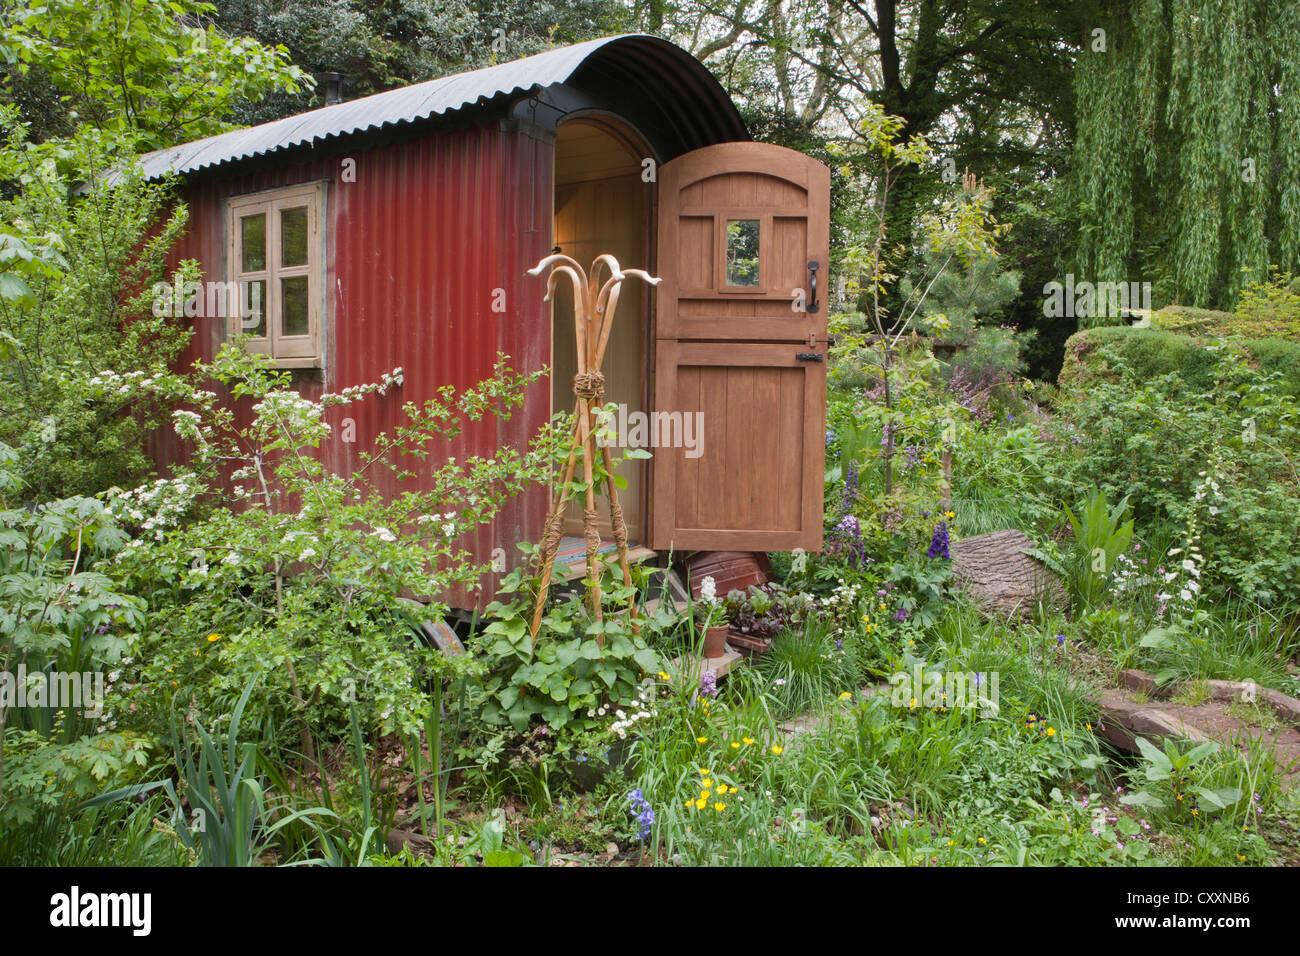 Chelsea RHS flower show gardens 2012 London UK - Stock Image